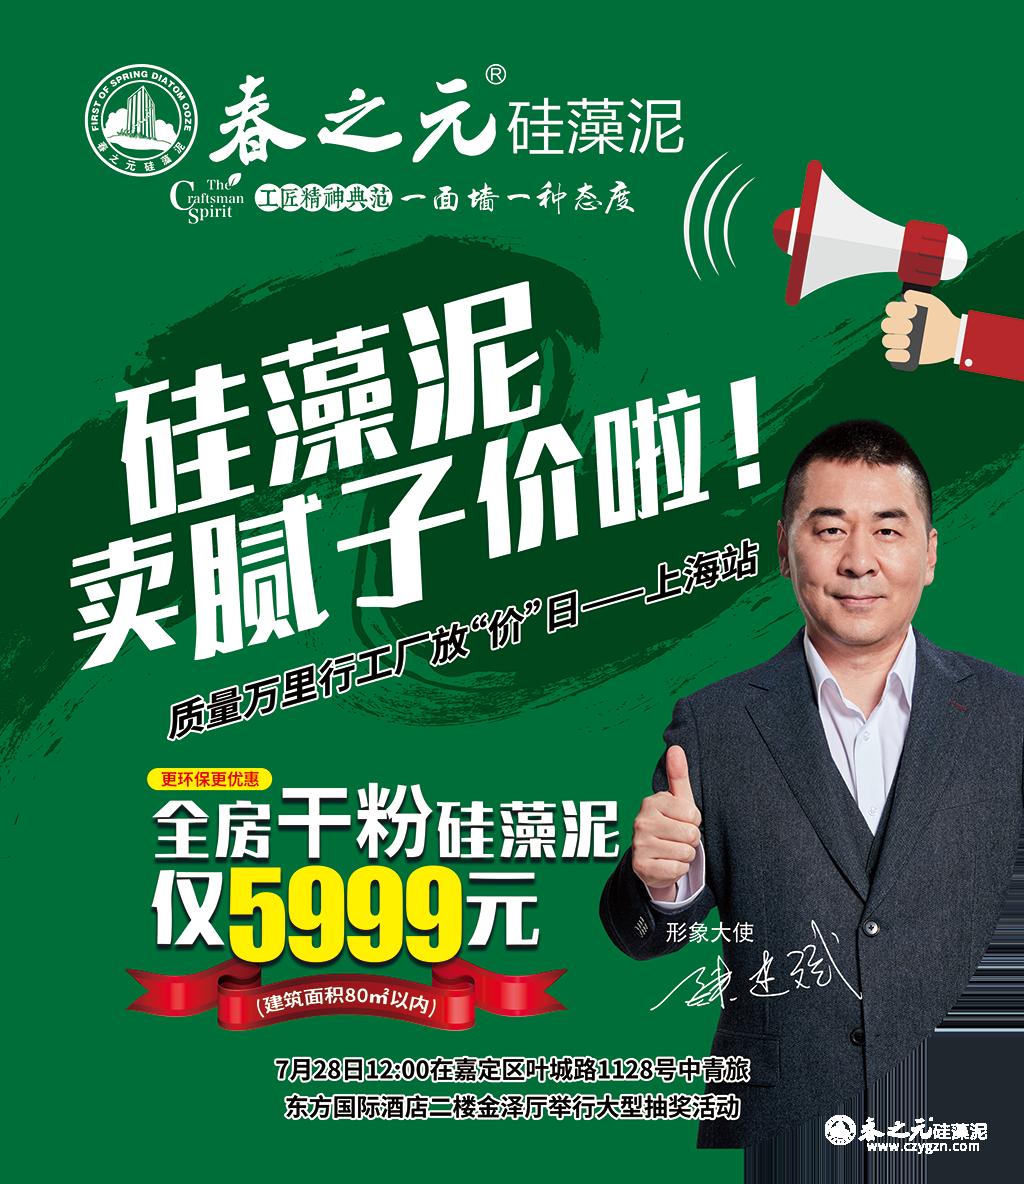 """春之元工厂放""""价""""日燃炸上海,全房干粉硅藻泥仅售5999元"""